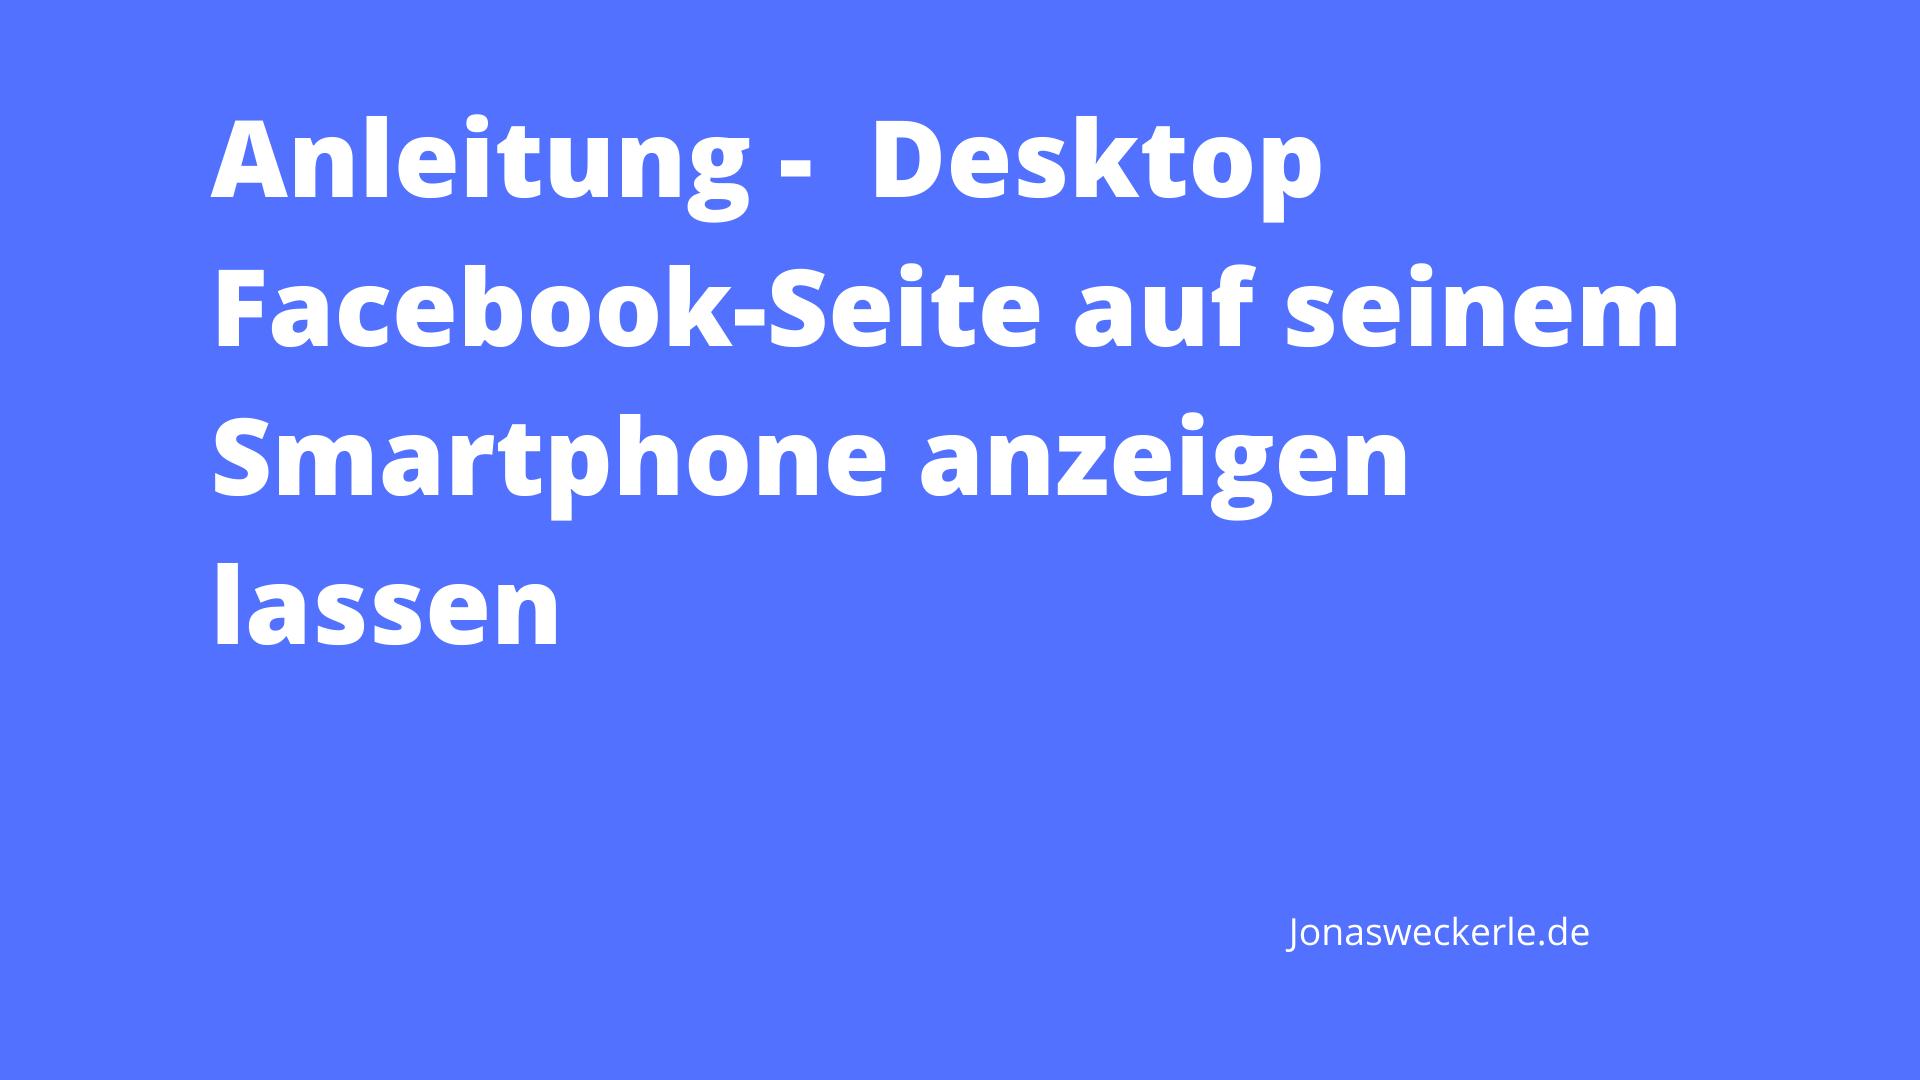 Anleitung - Desktop Facebook-Seite auf seinem Smartphone anzeigen lassen